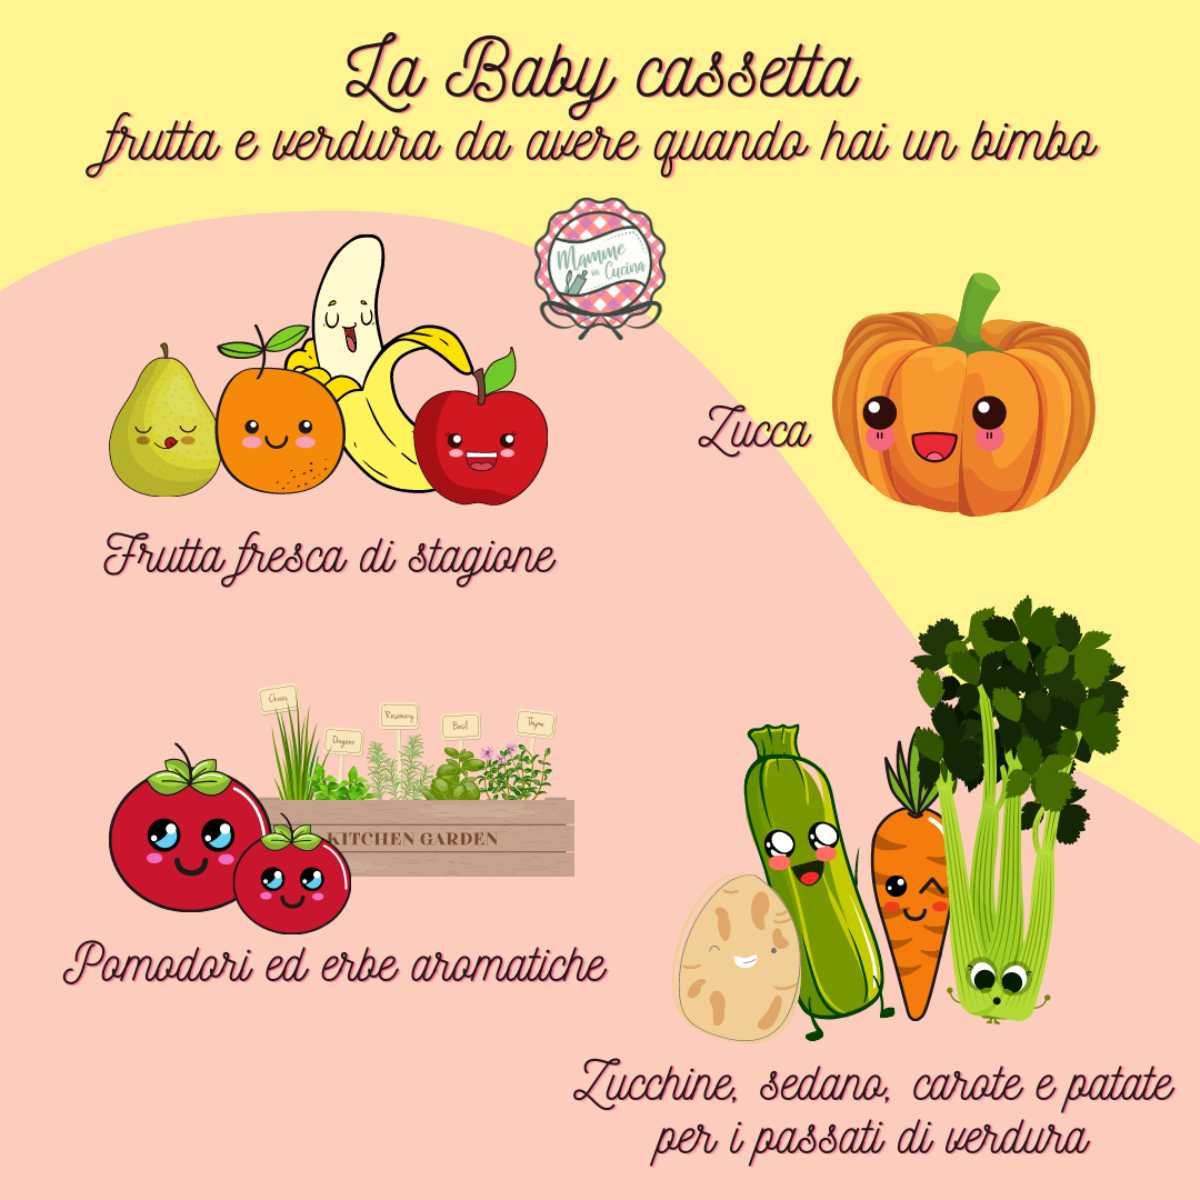 Verdure e frutta per i bimbi? Ecco la baby cassetta!